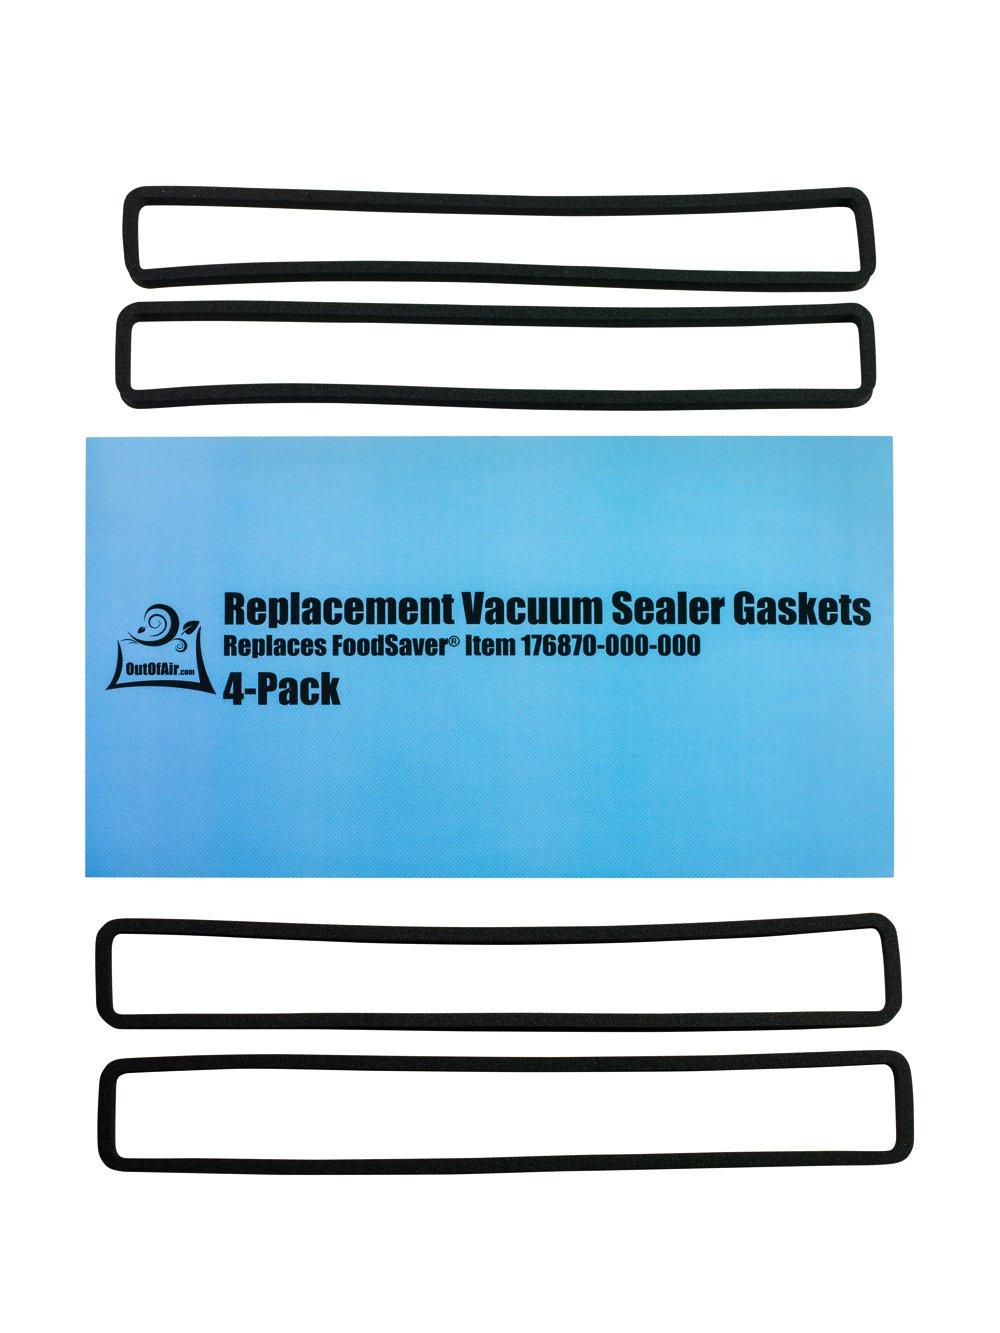 4 Pack Foodsaver Gasket Replacement Vacuum Sealer Upper Gasket Assembly Fits V2200 V2400 V2800 V3000 V3200 V3400 V3800 Models Corresponds To Food Saver T910 00075 By Impresa Products Buy Online In